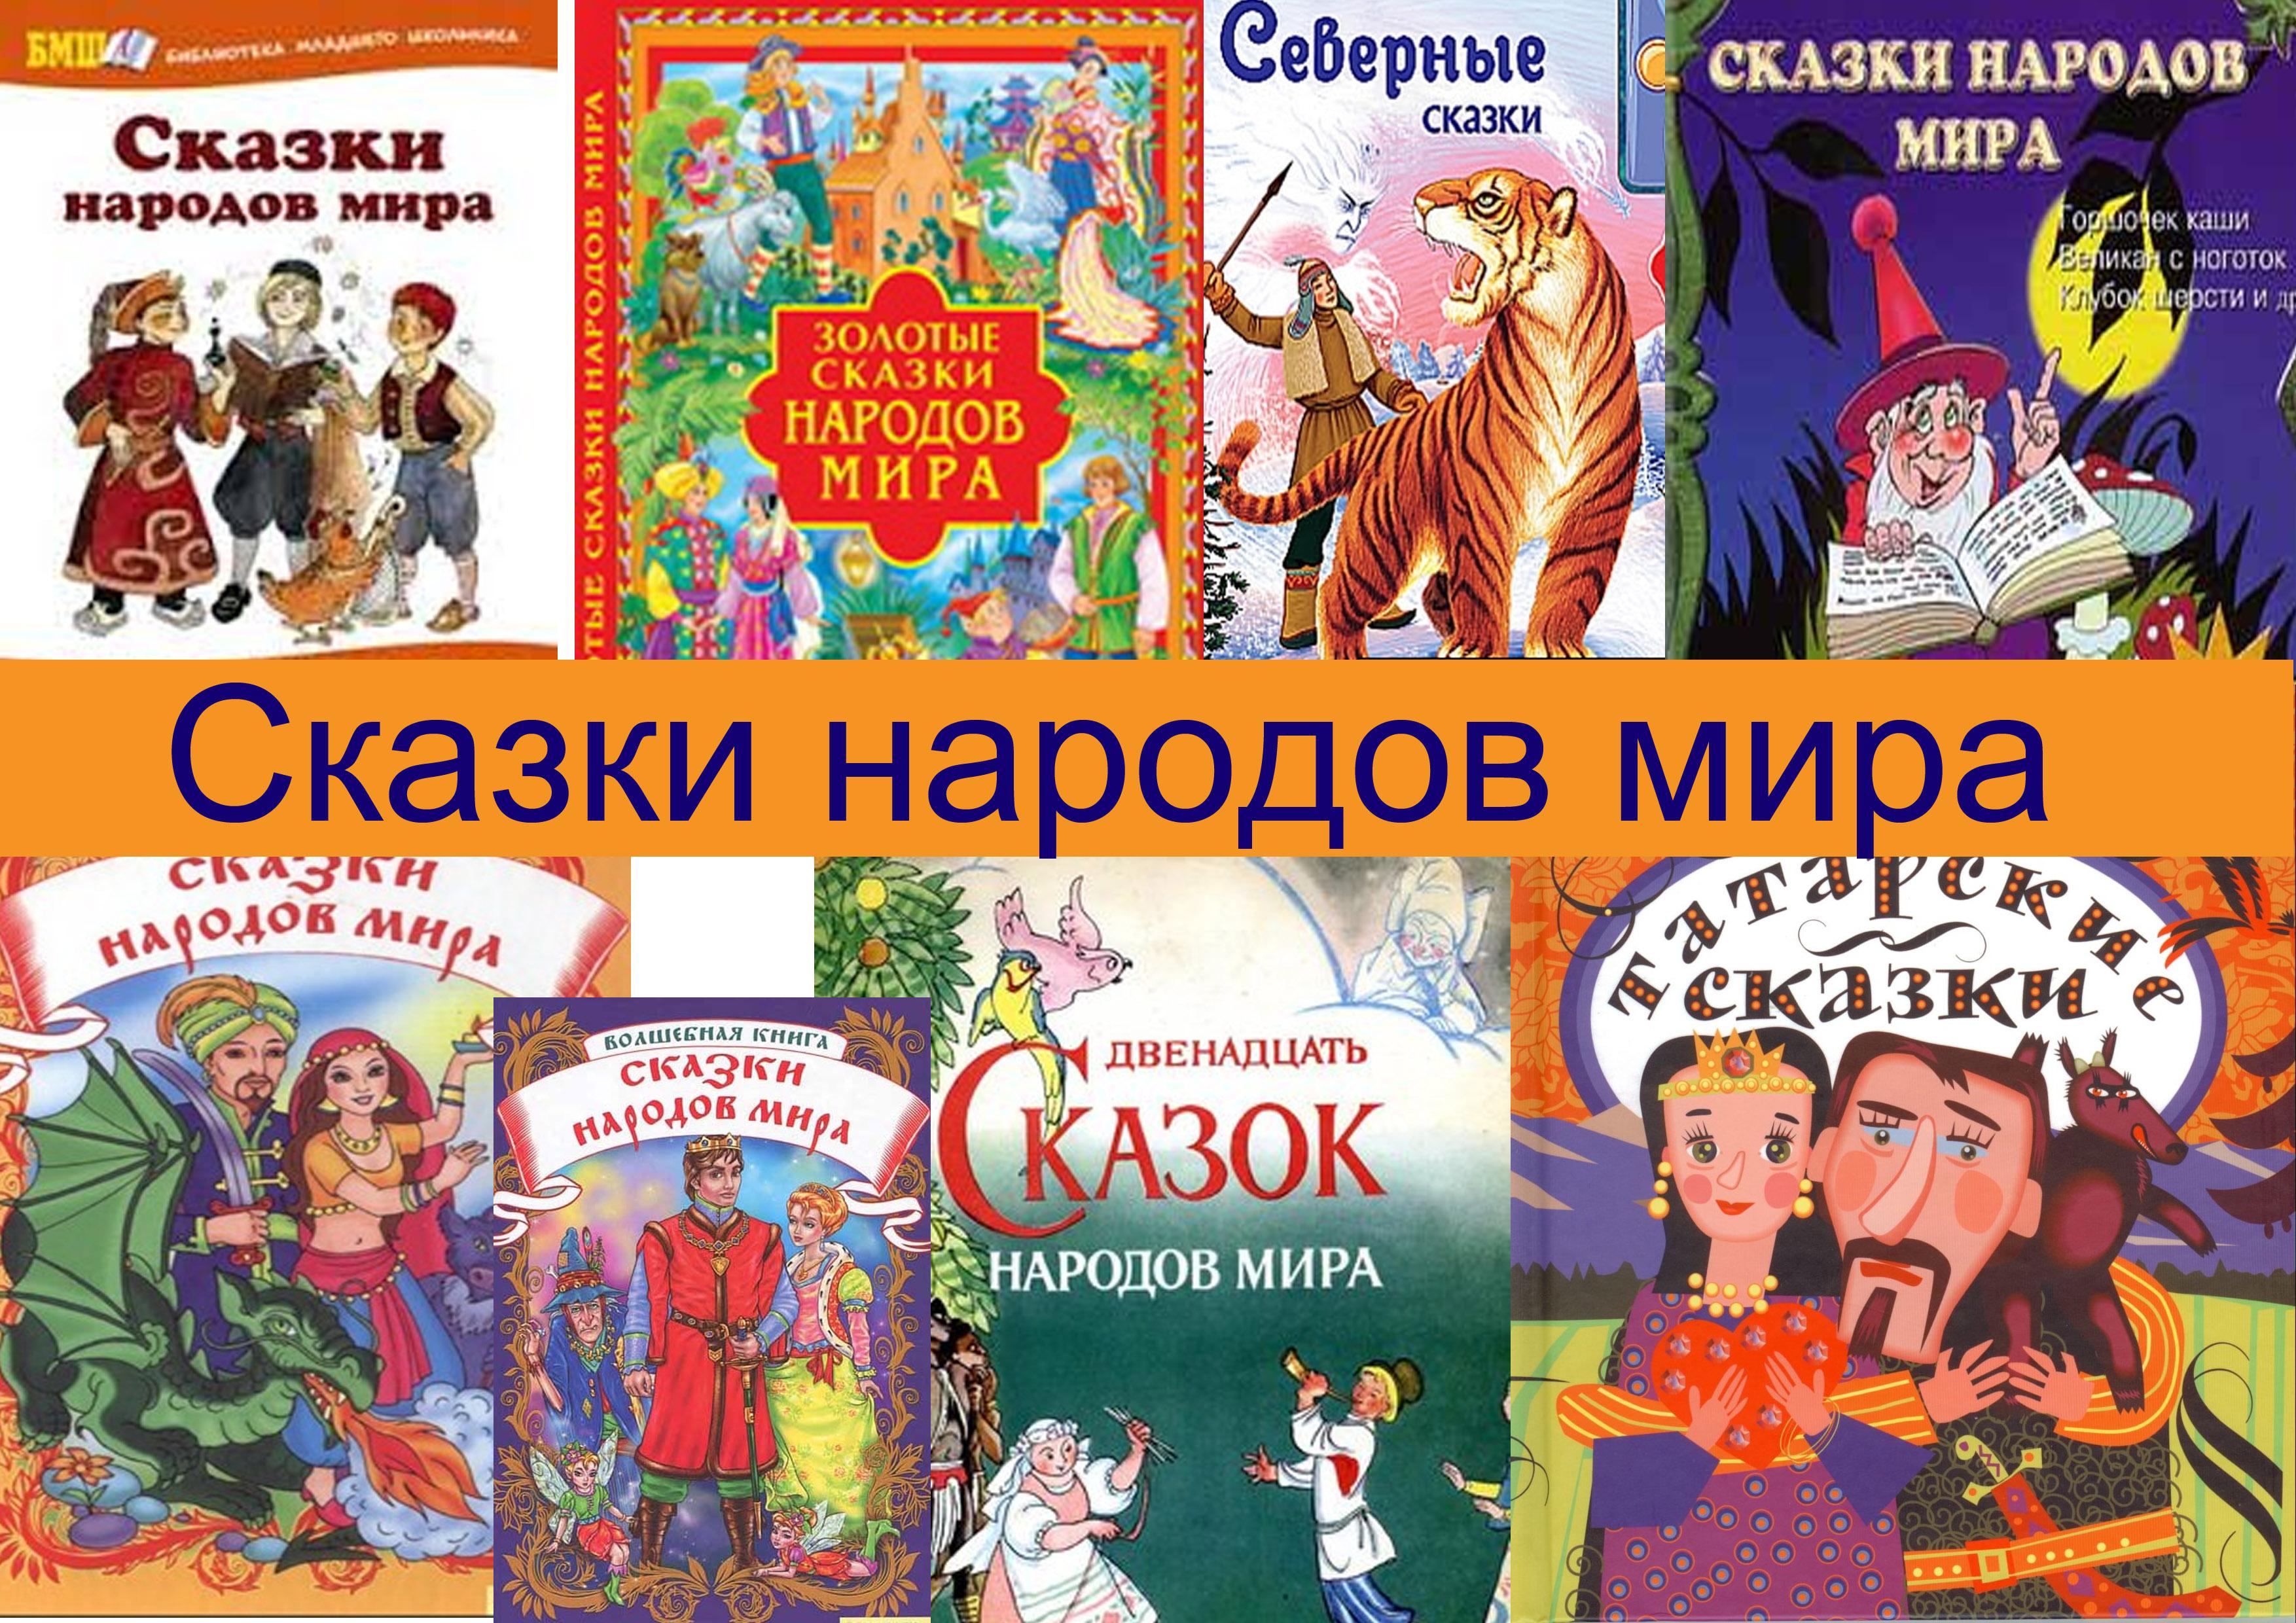 Сказки народов мира картинки для презентации